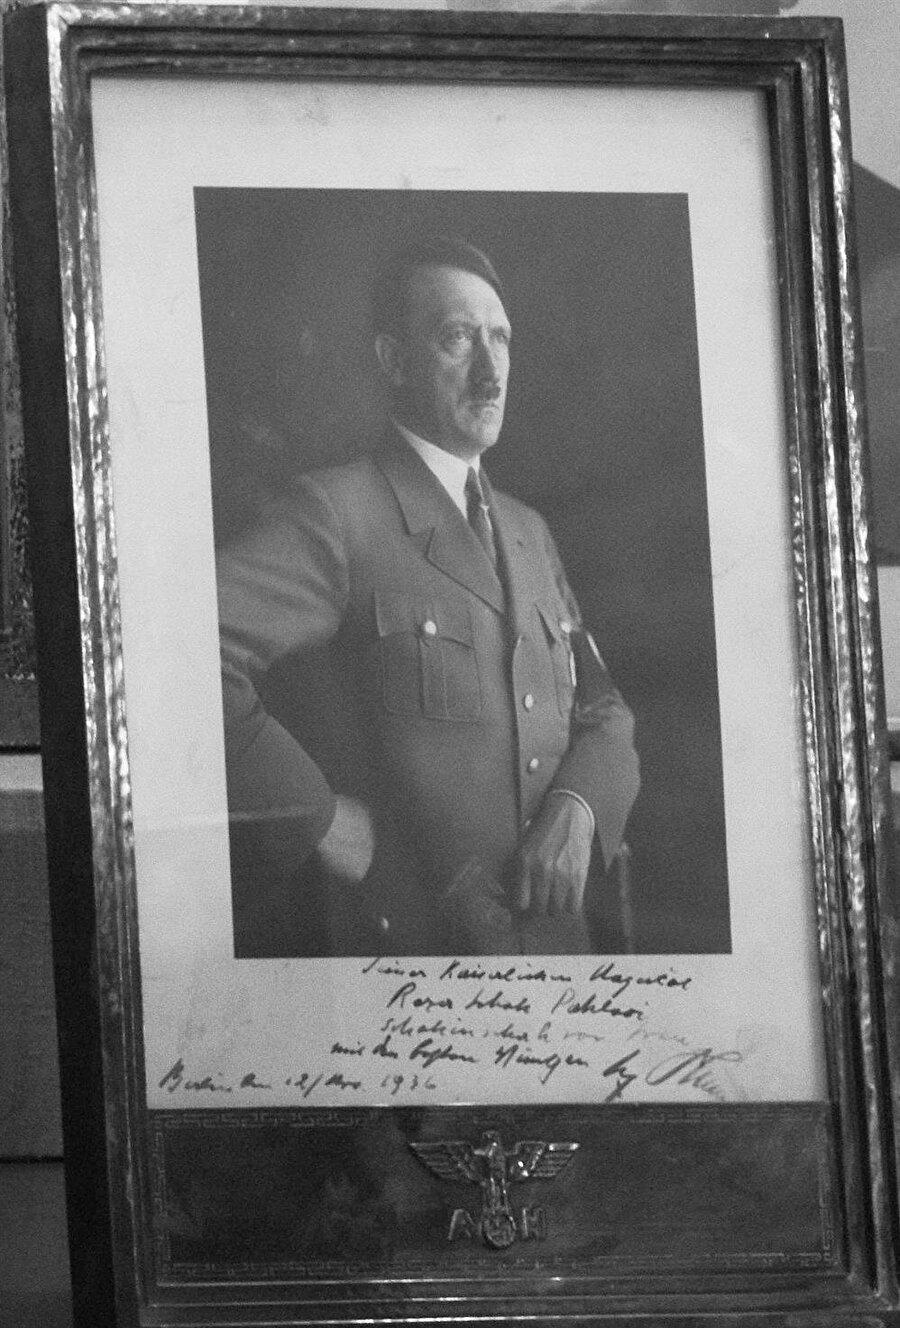 Hitler'in, adına imzalayarak Şah Rıza Pehlevi'ye gönderdiği fotoğrafı, ikili arasındaki yakınlaşmanın bir emaresi olarak değerlendirilmişti.